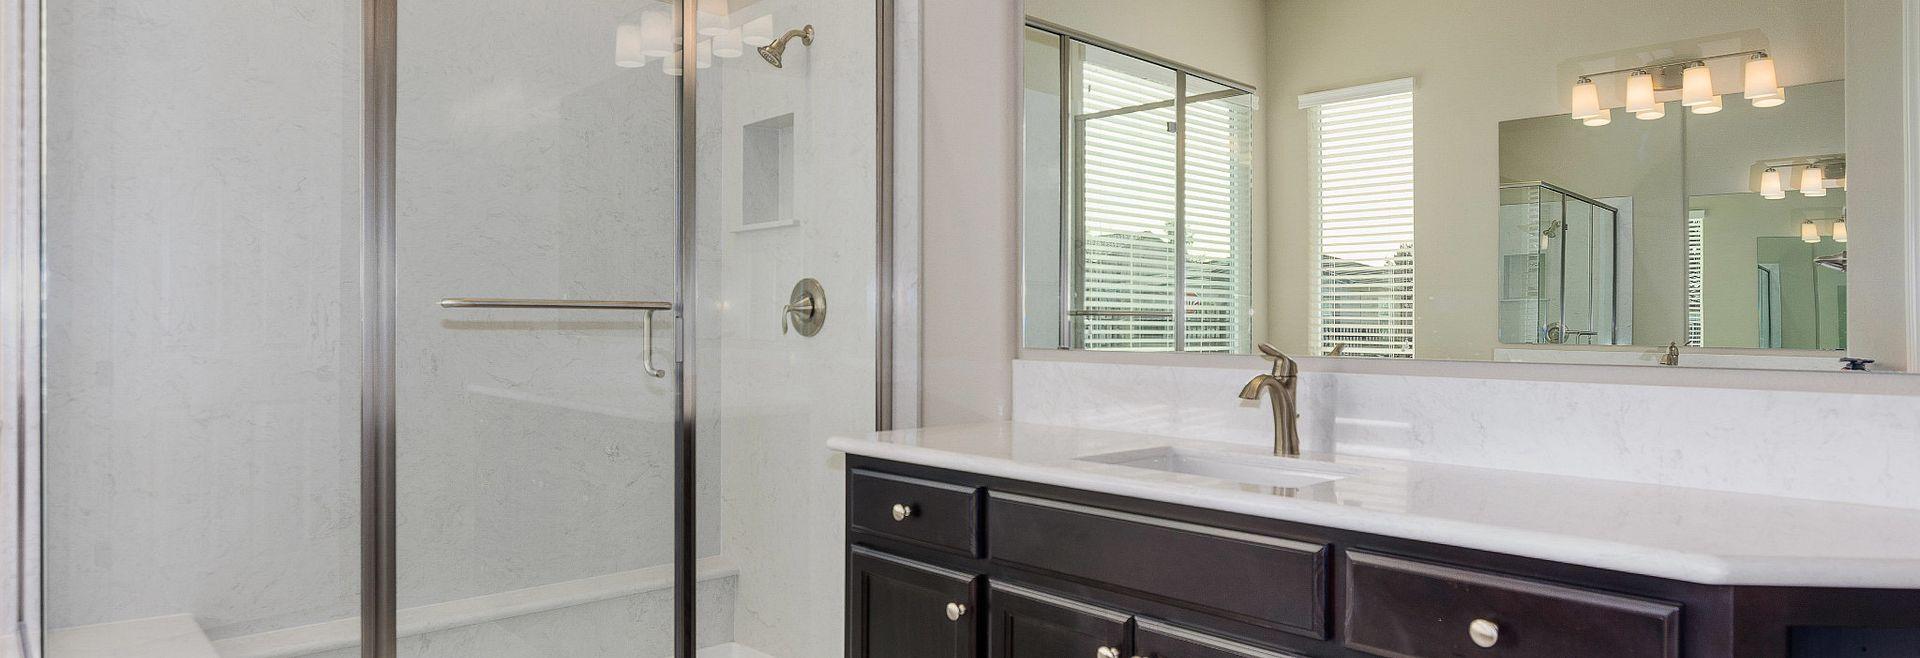 Homesite 3050 Secondary Bathroom